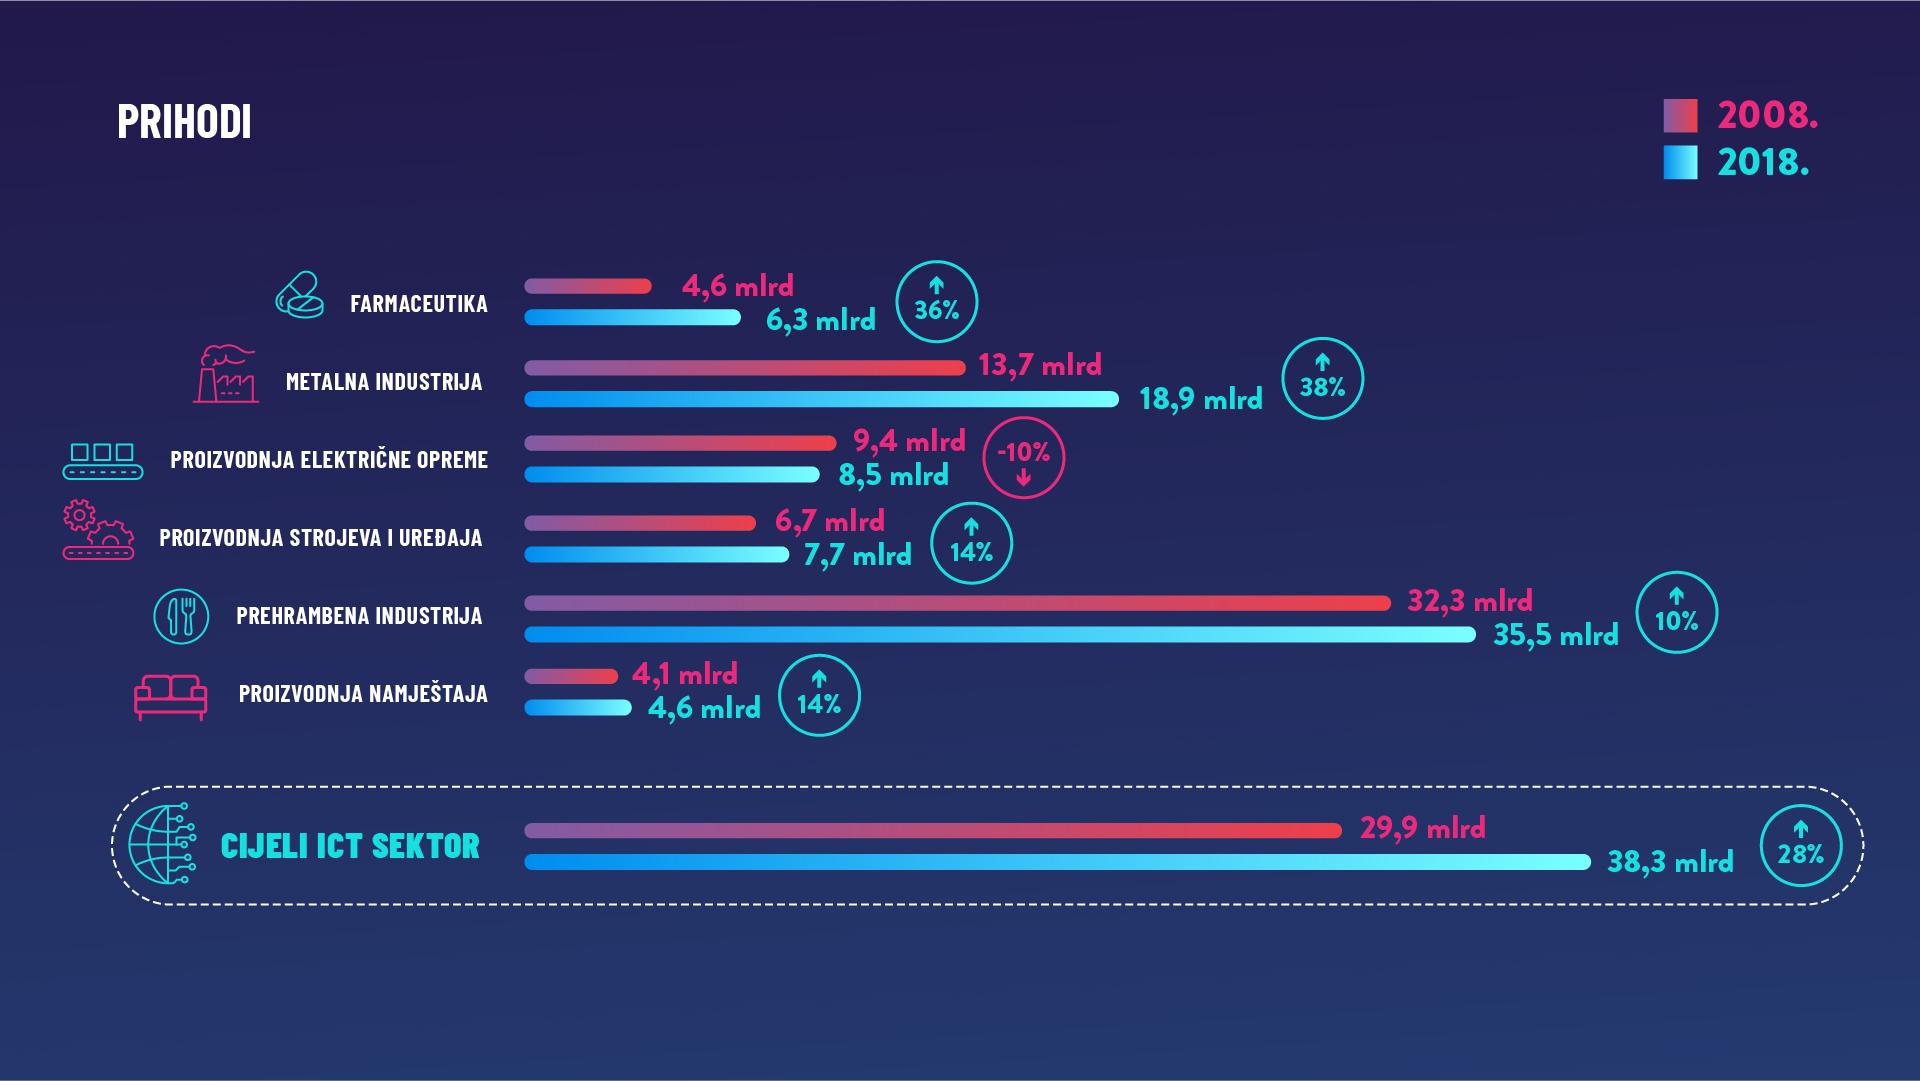 Prihodi ICT sektora